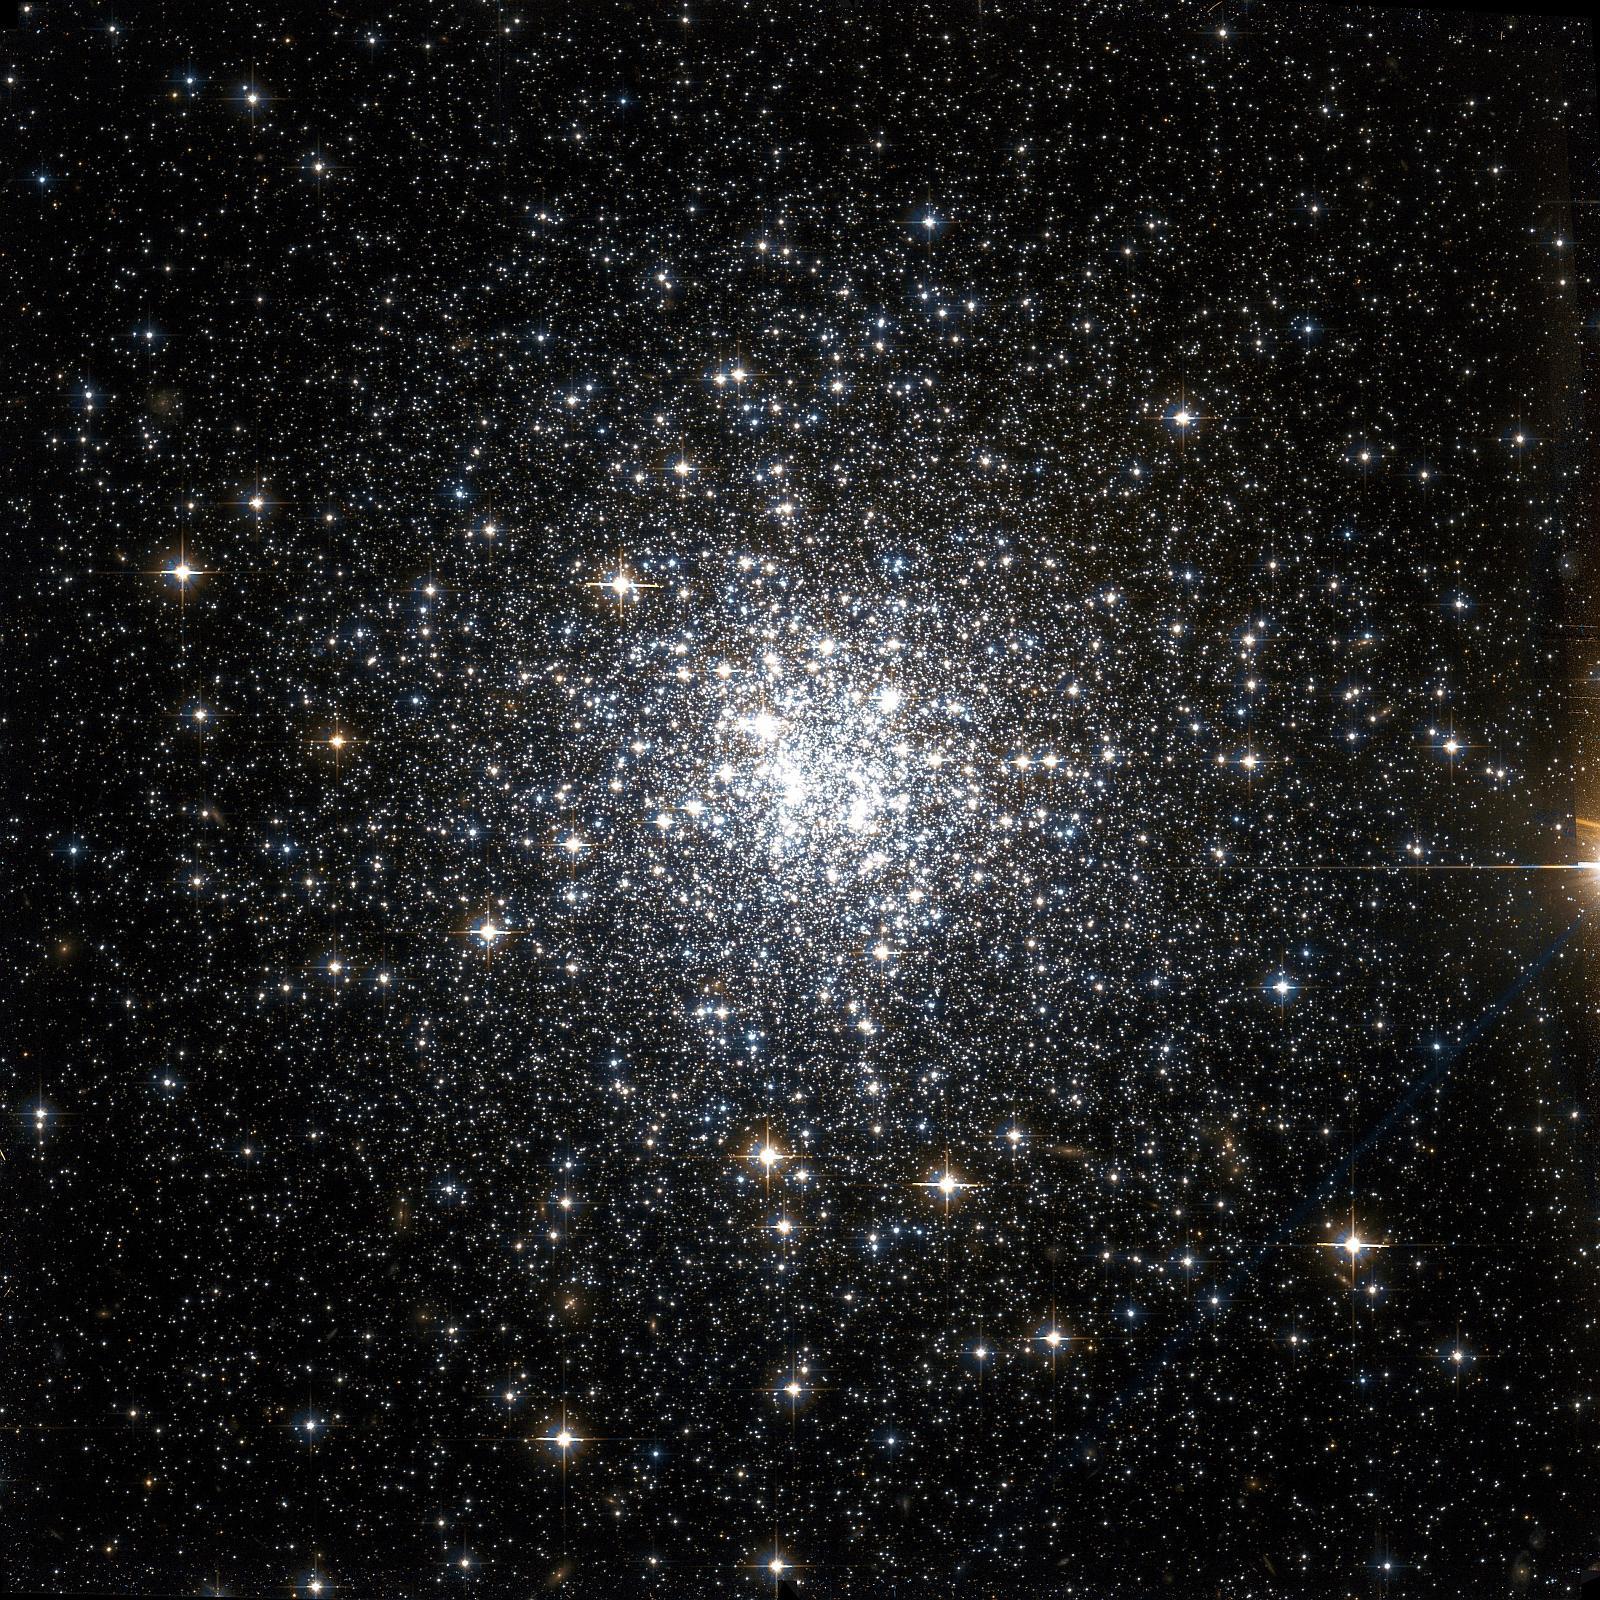 NGC 6584